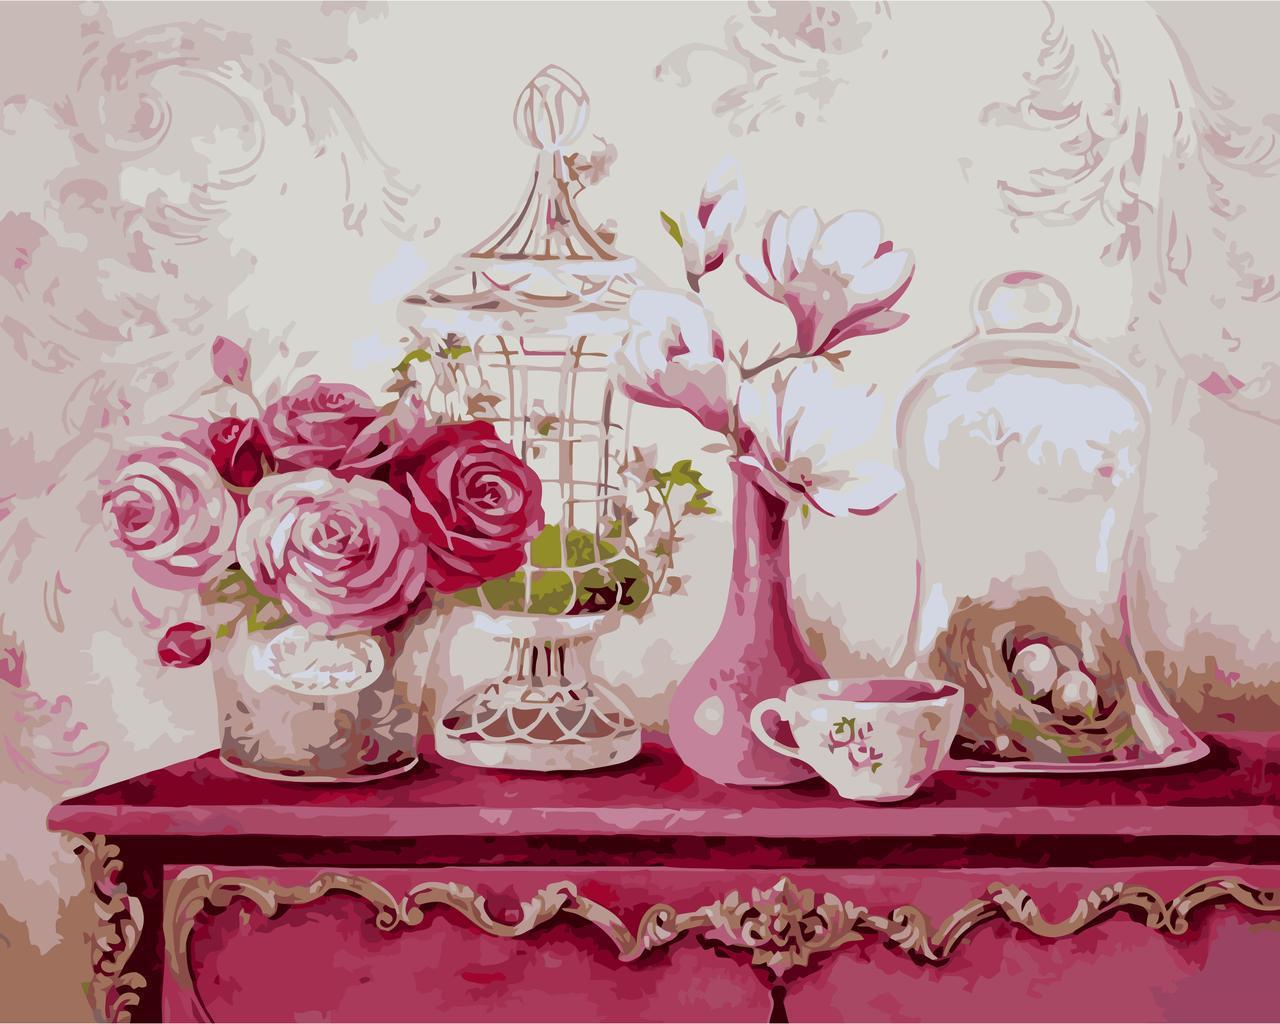 Картина по номерам Винтажный стиль, 30x40 см., Идейка